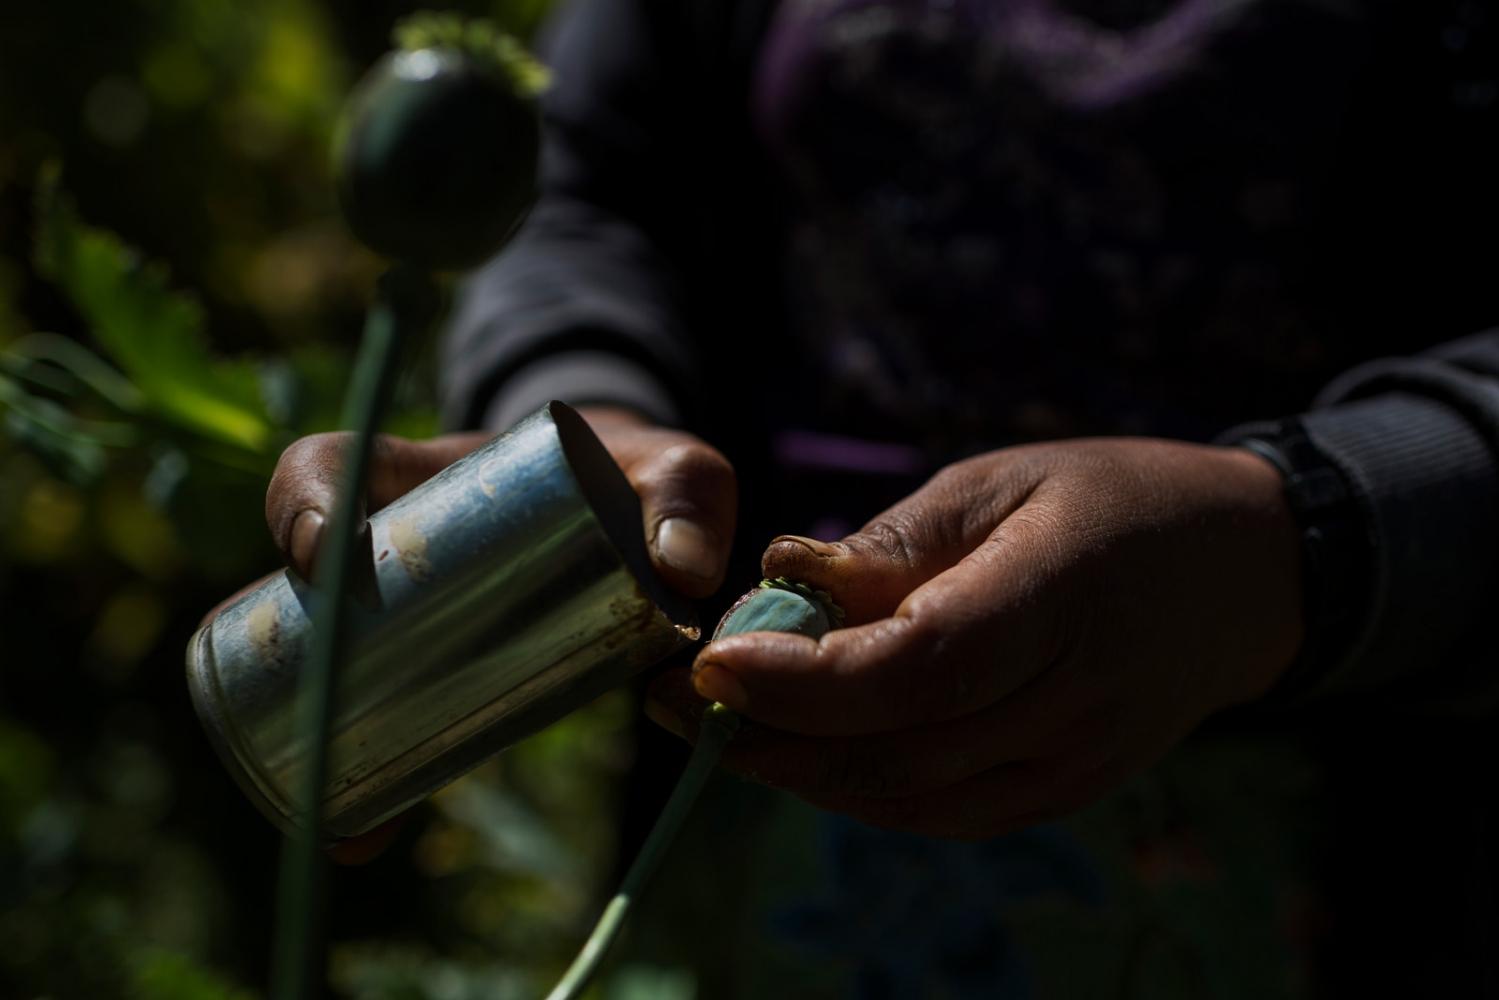 Art and Documentary Photography - Loading VS-Myanmar-drugs-06.JPG